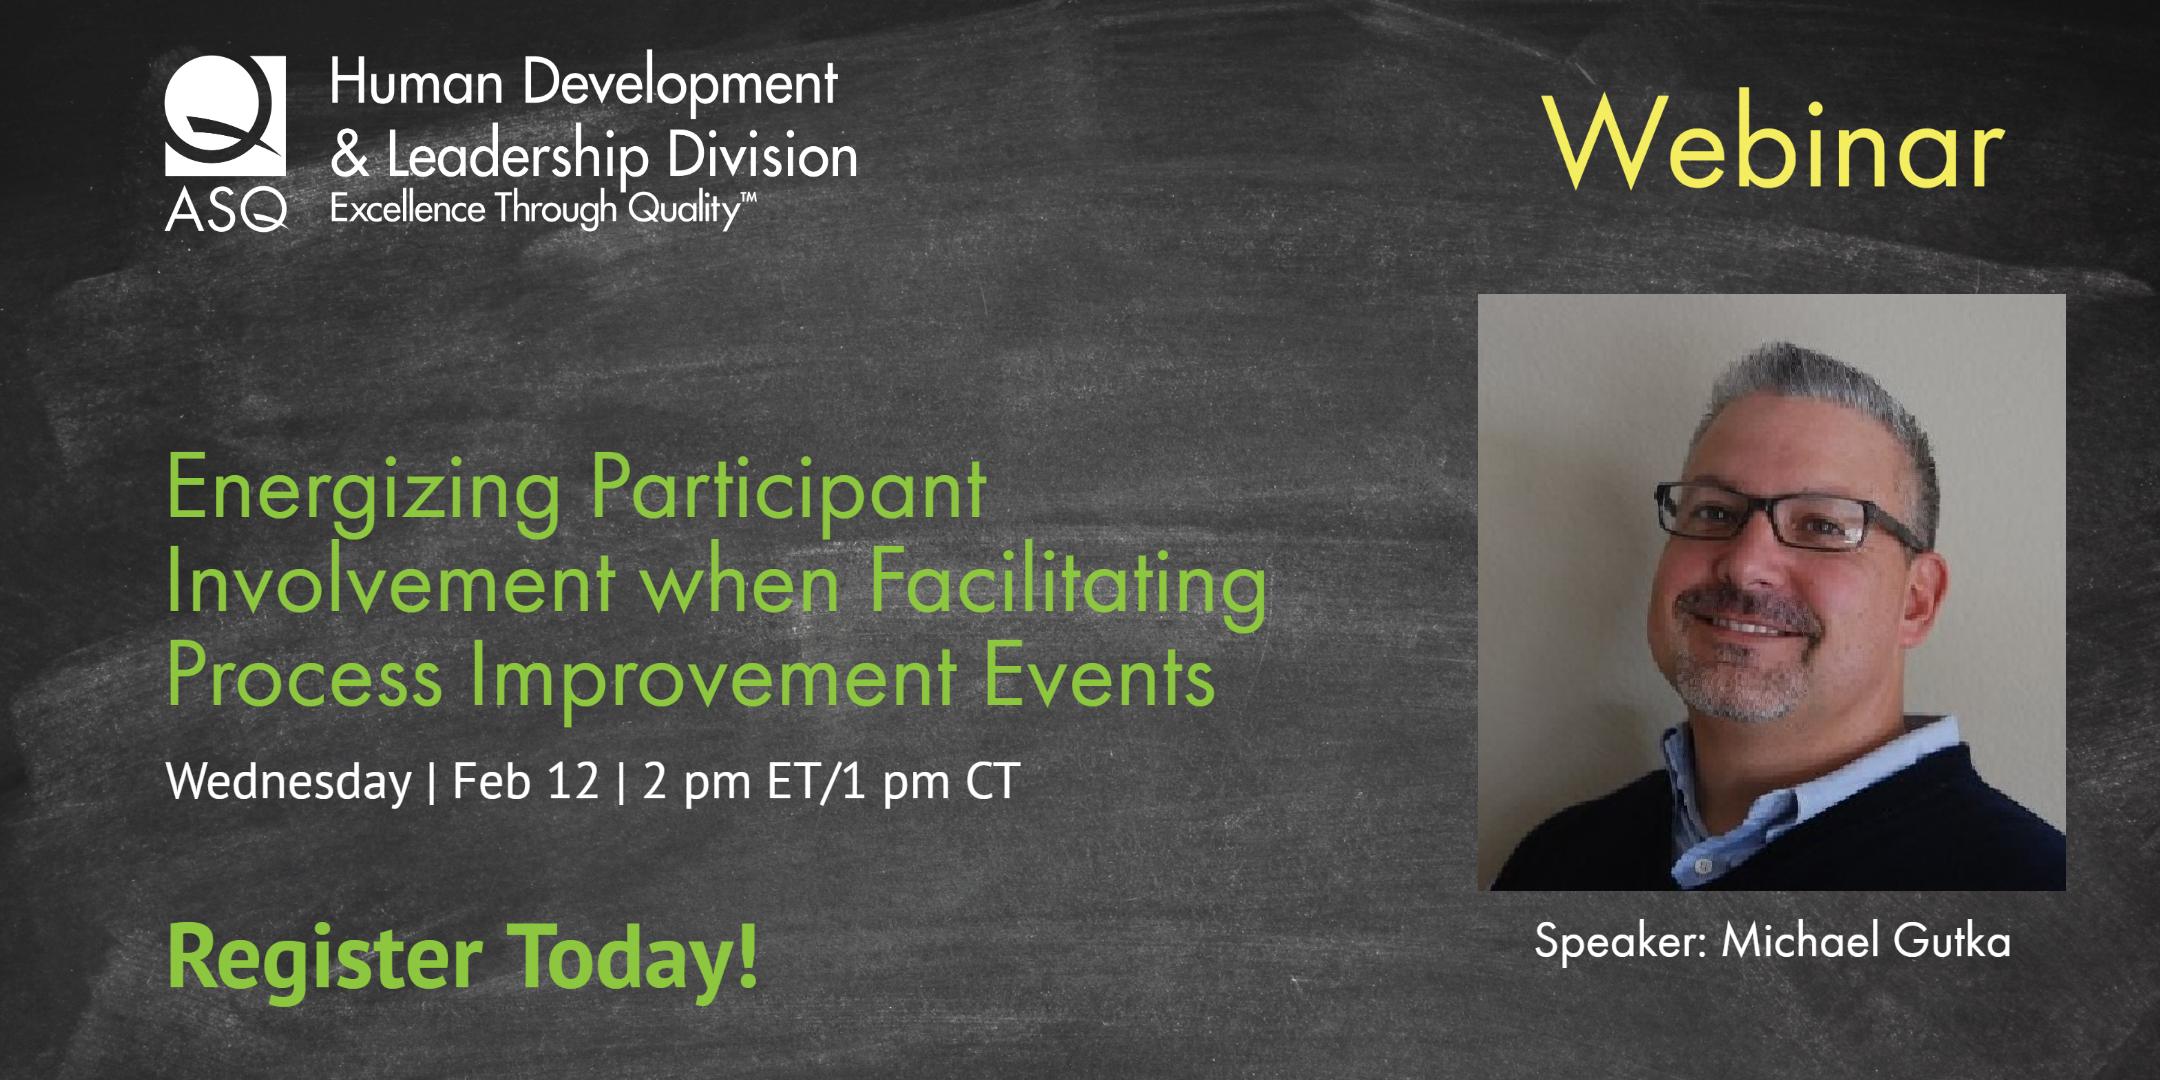 HD&L Webinar: Energizing Participant Involvement When Facilitating Process Improvement Events 1539